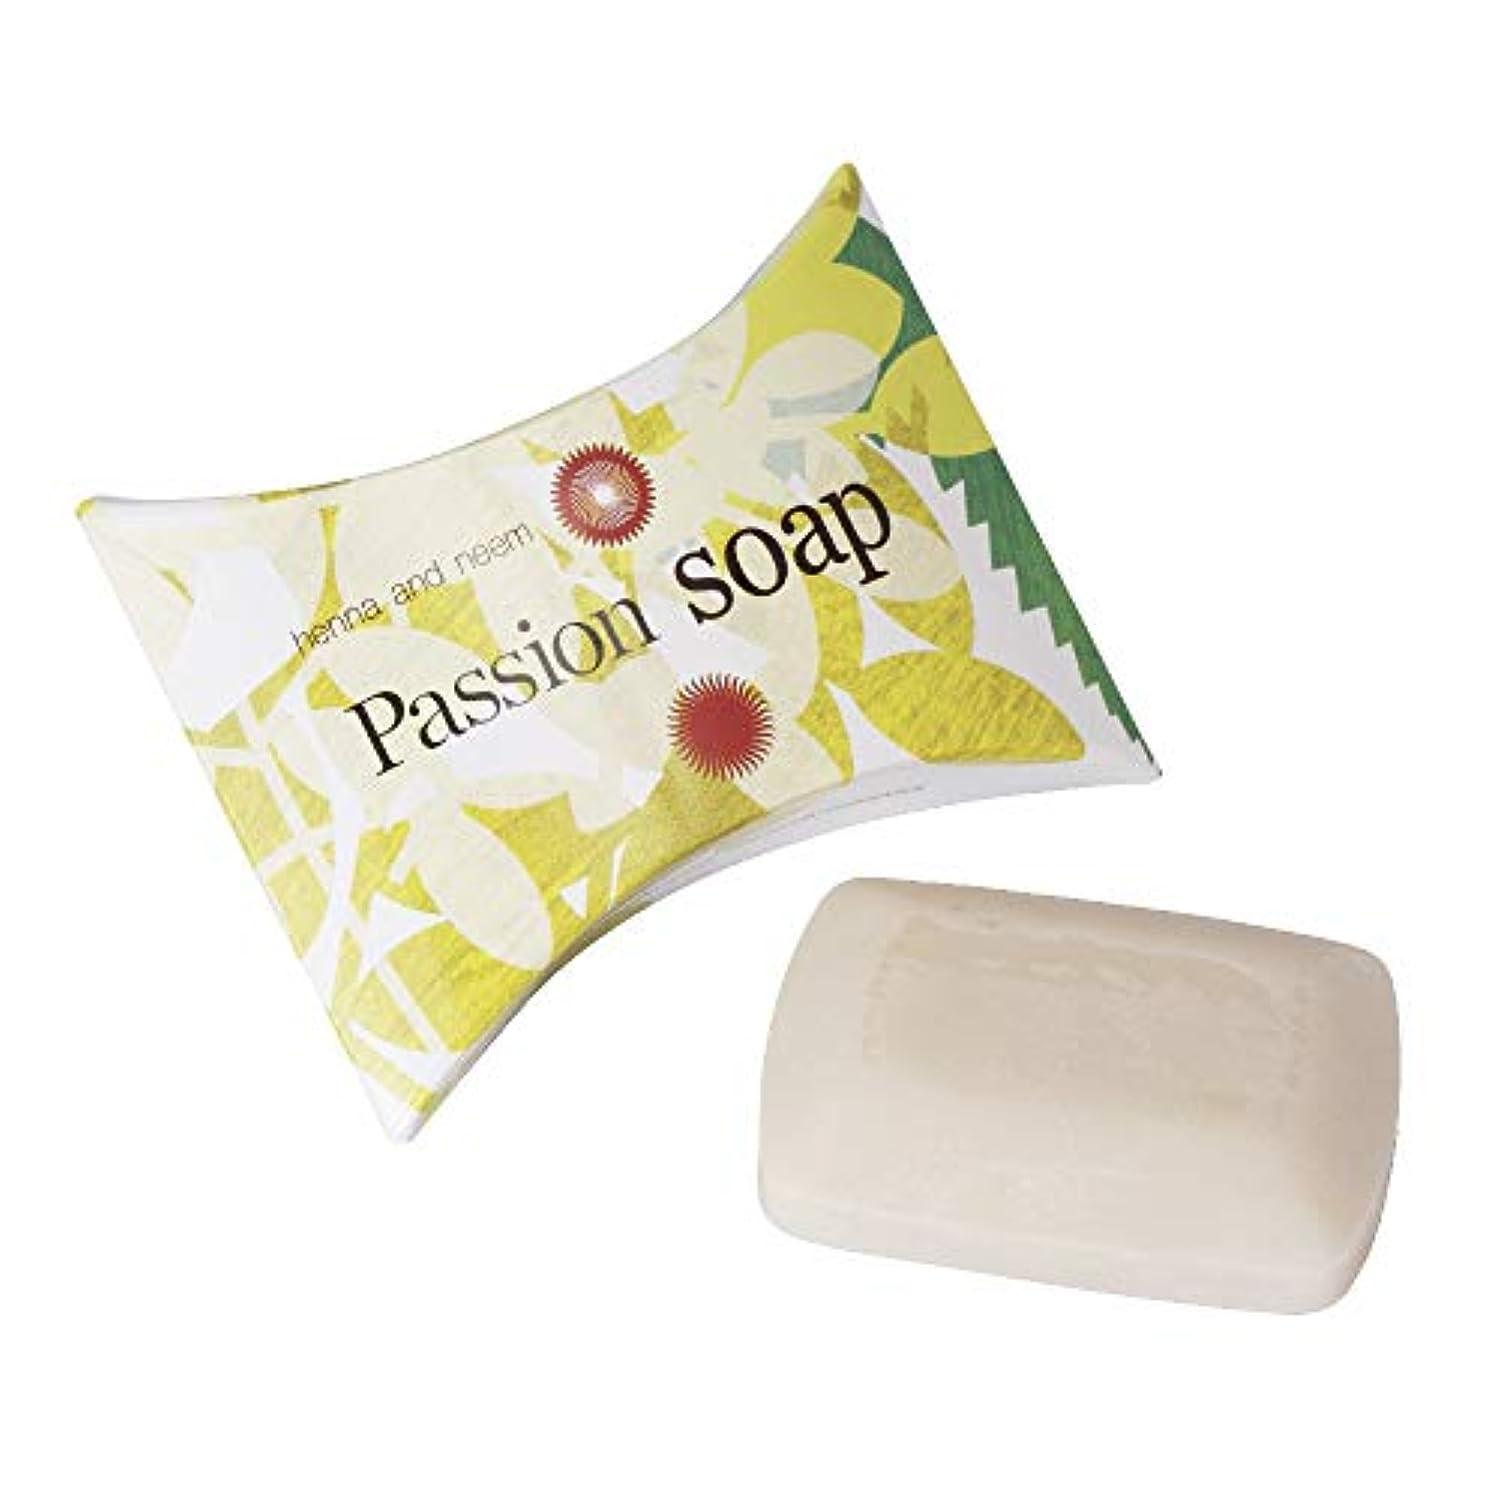 前書きポーンヒューバートハドソンヘナソープ PASSION SOAP 天然サポニンで洗う優しいハーブ石鹸